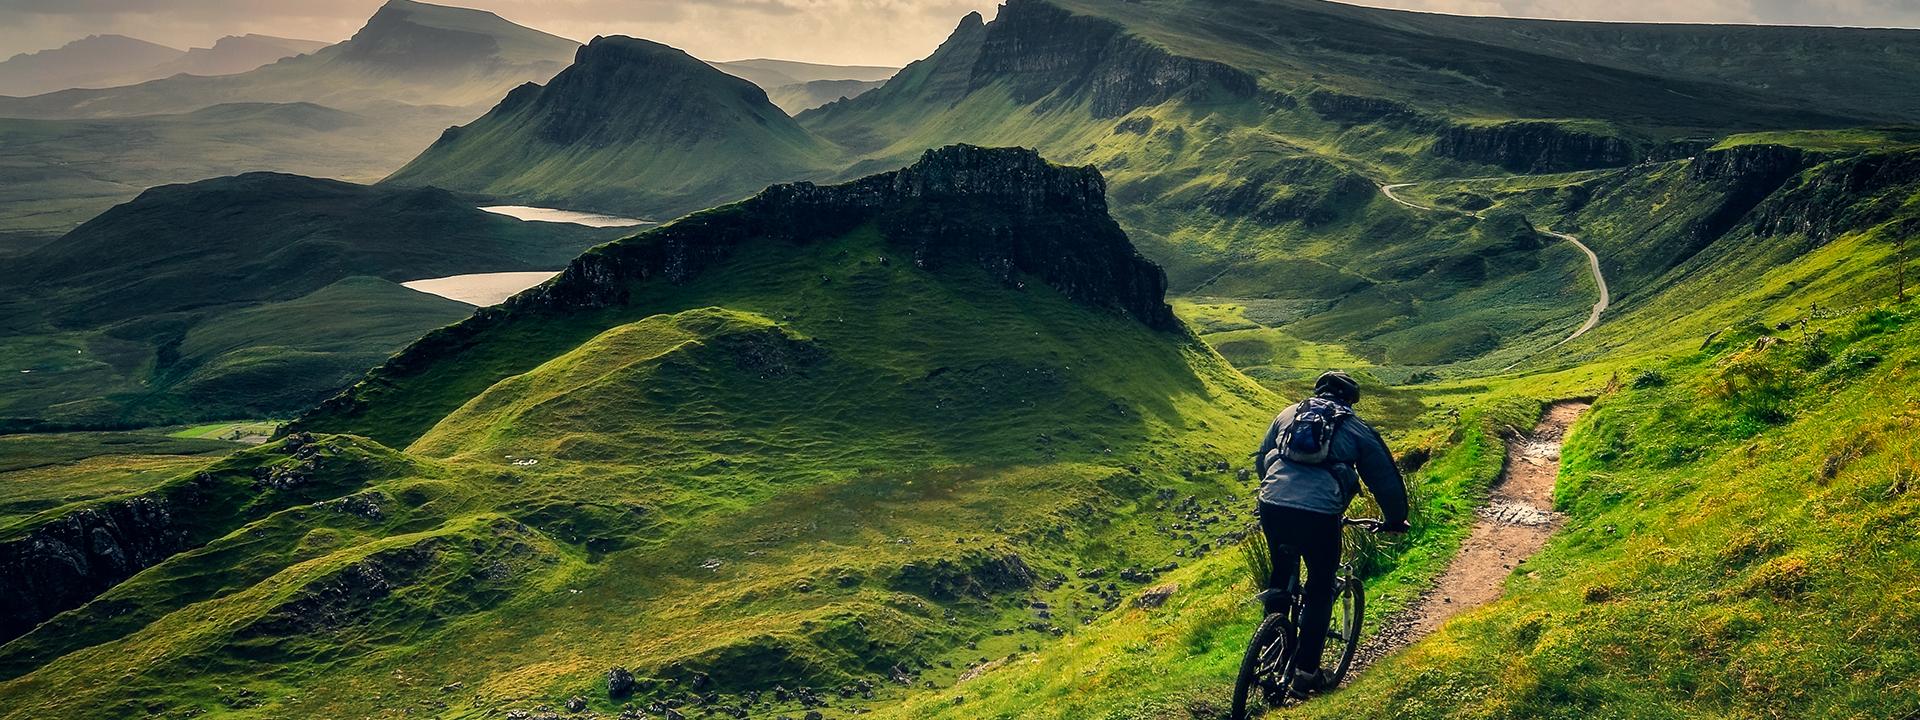 Фото горного велосипеда в долине